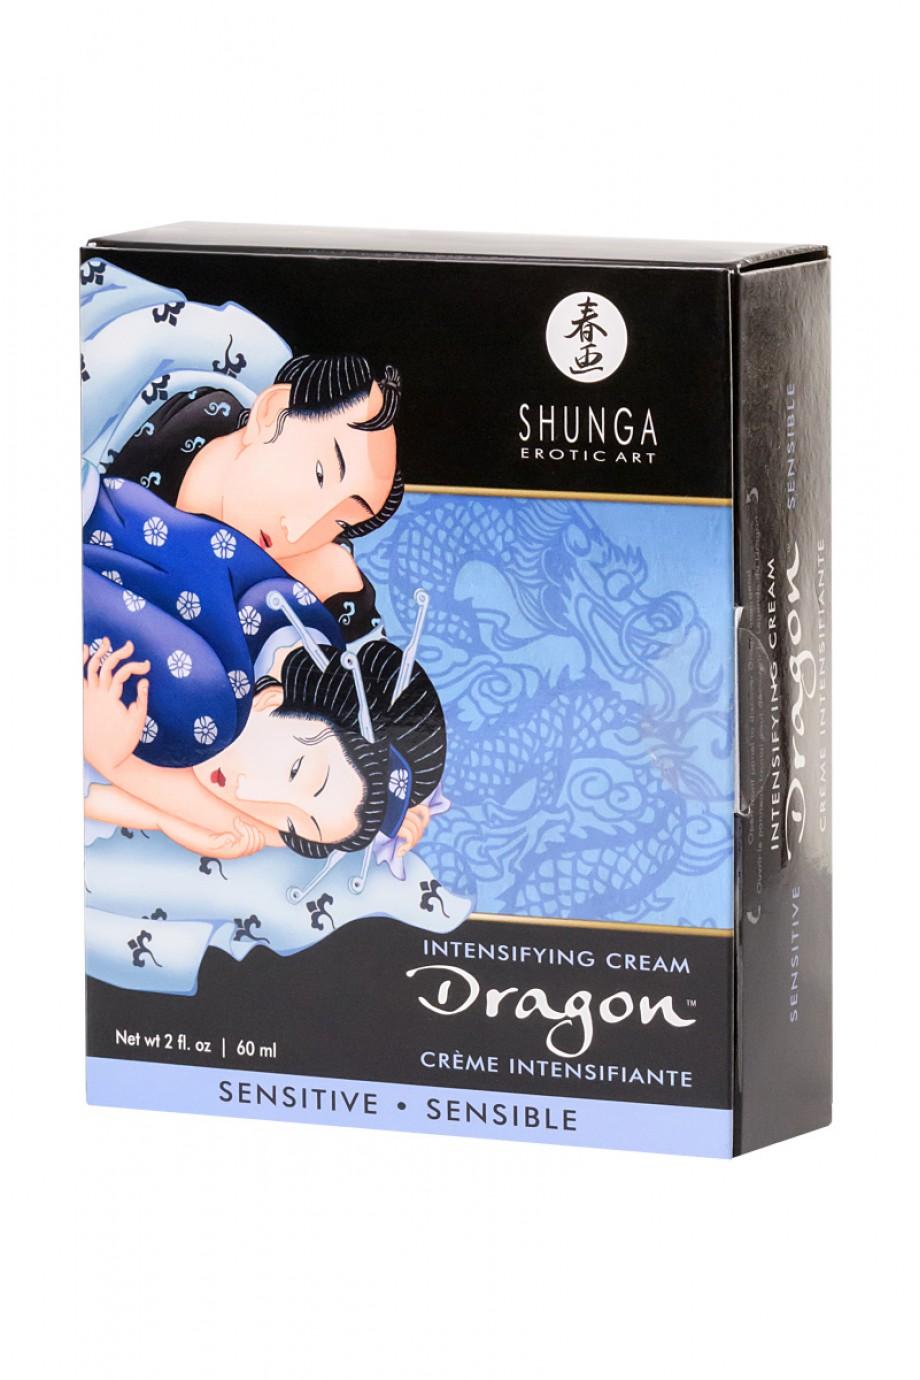 Усиливающий крем для пар Shunga Dragon Sensitive, эффект «ледяного огня», 60 мл